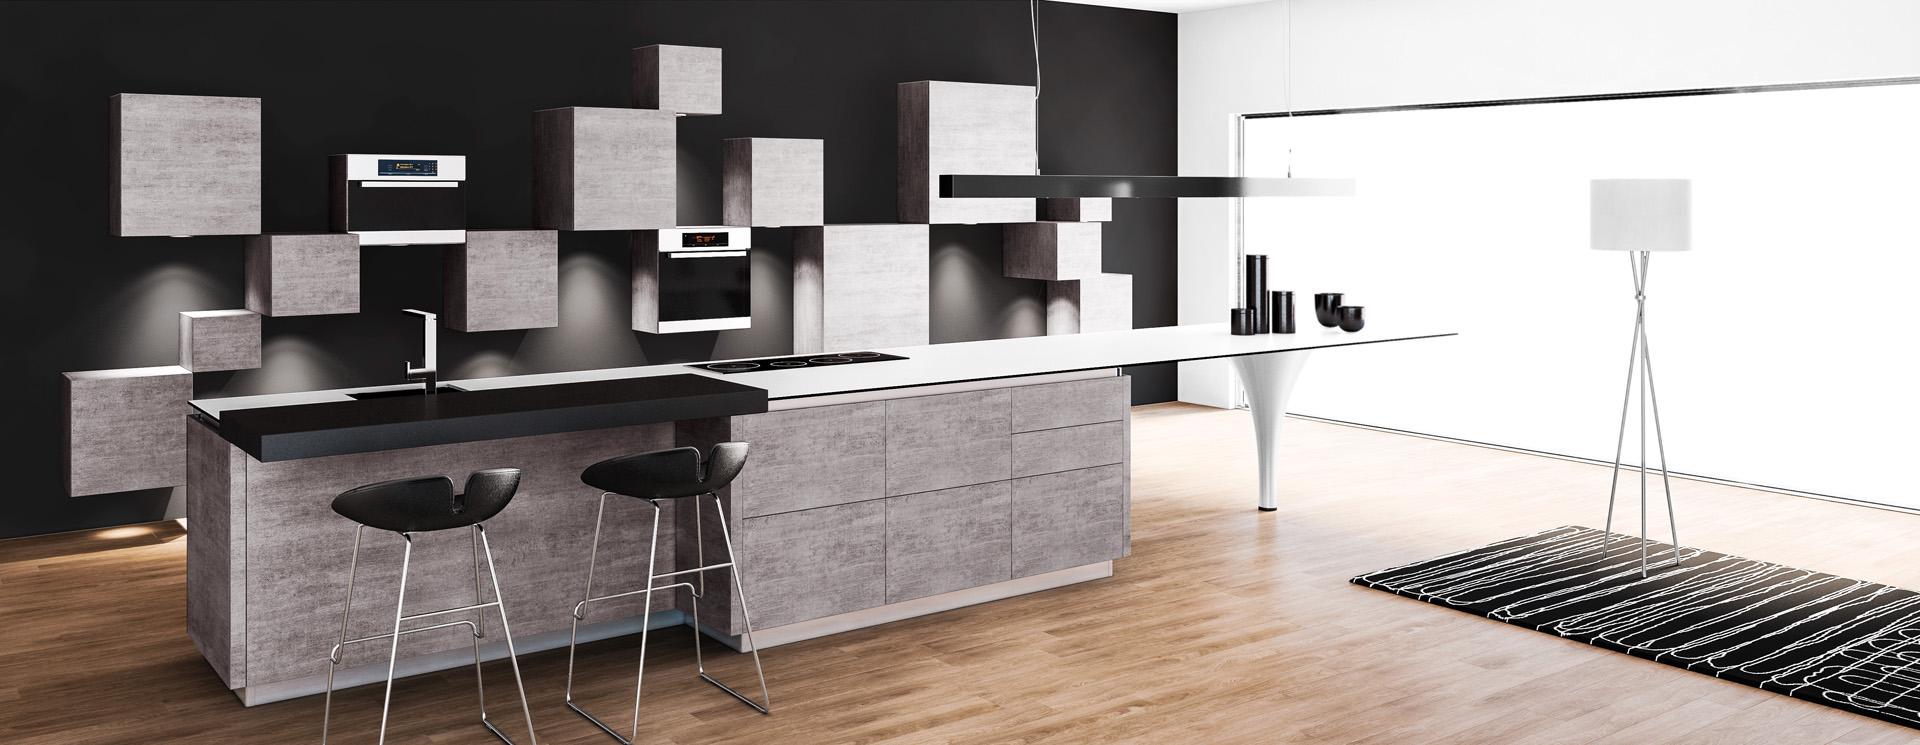 cuisine kocher-15